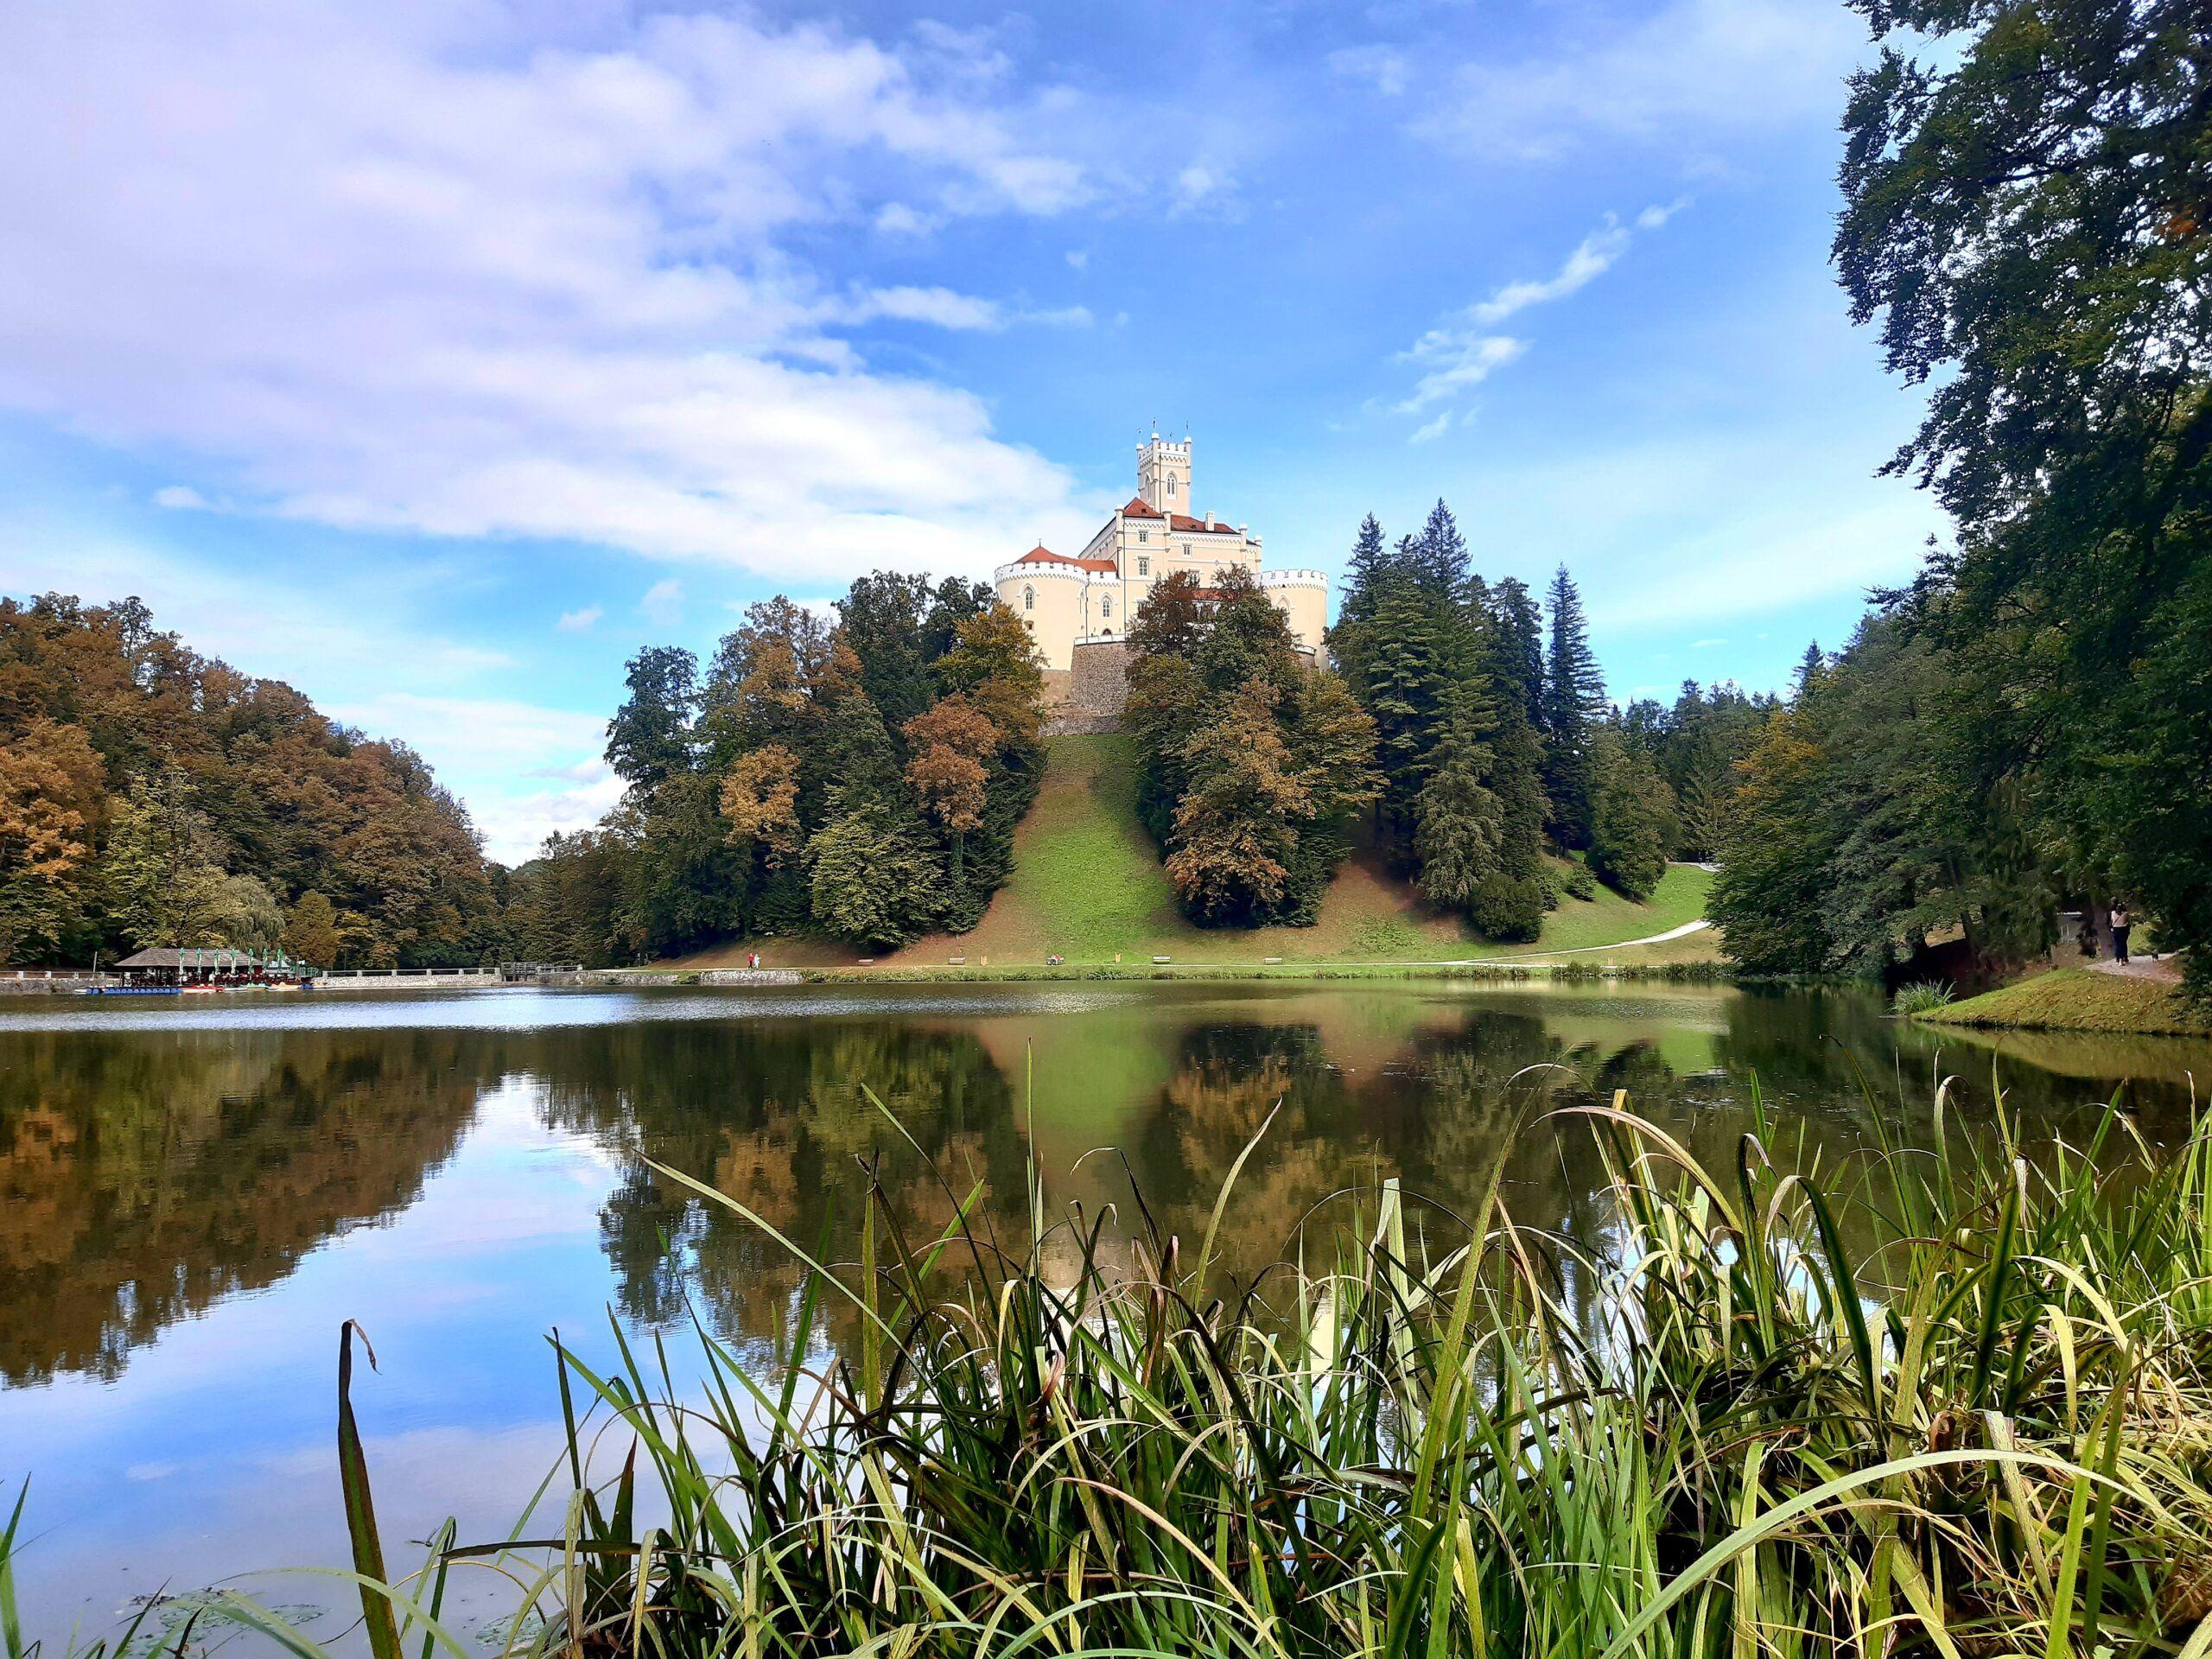 Samo sat vremena od Zagreba: Bajkoviti dvorac Trakošćan